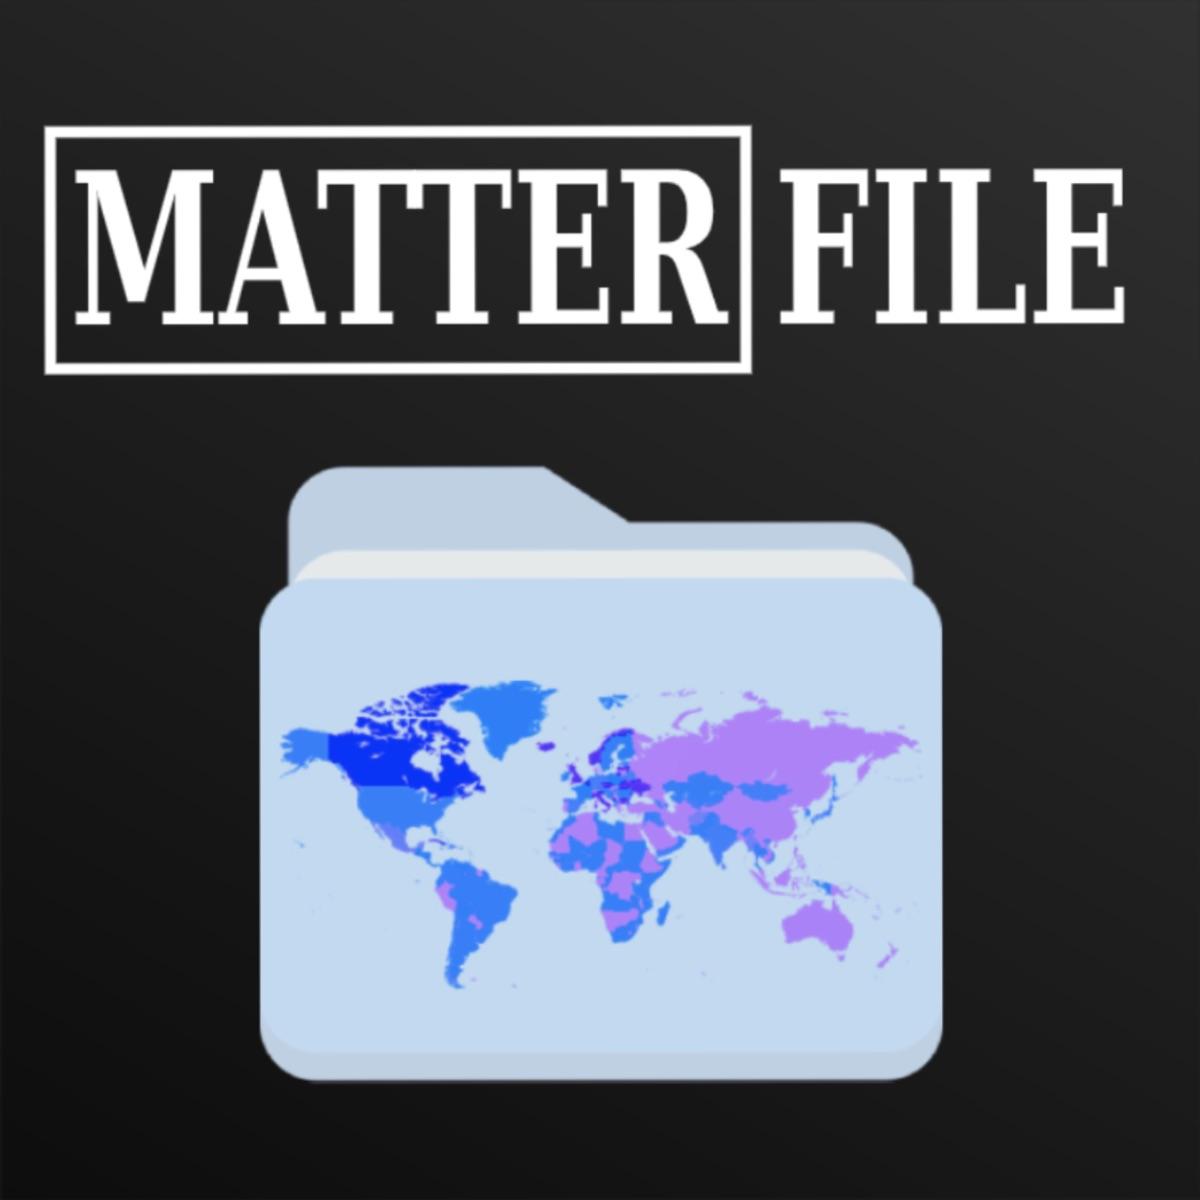 Matter File